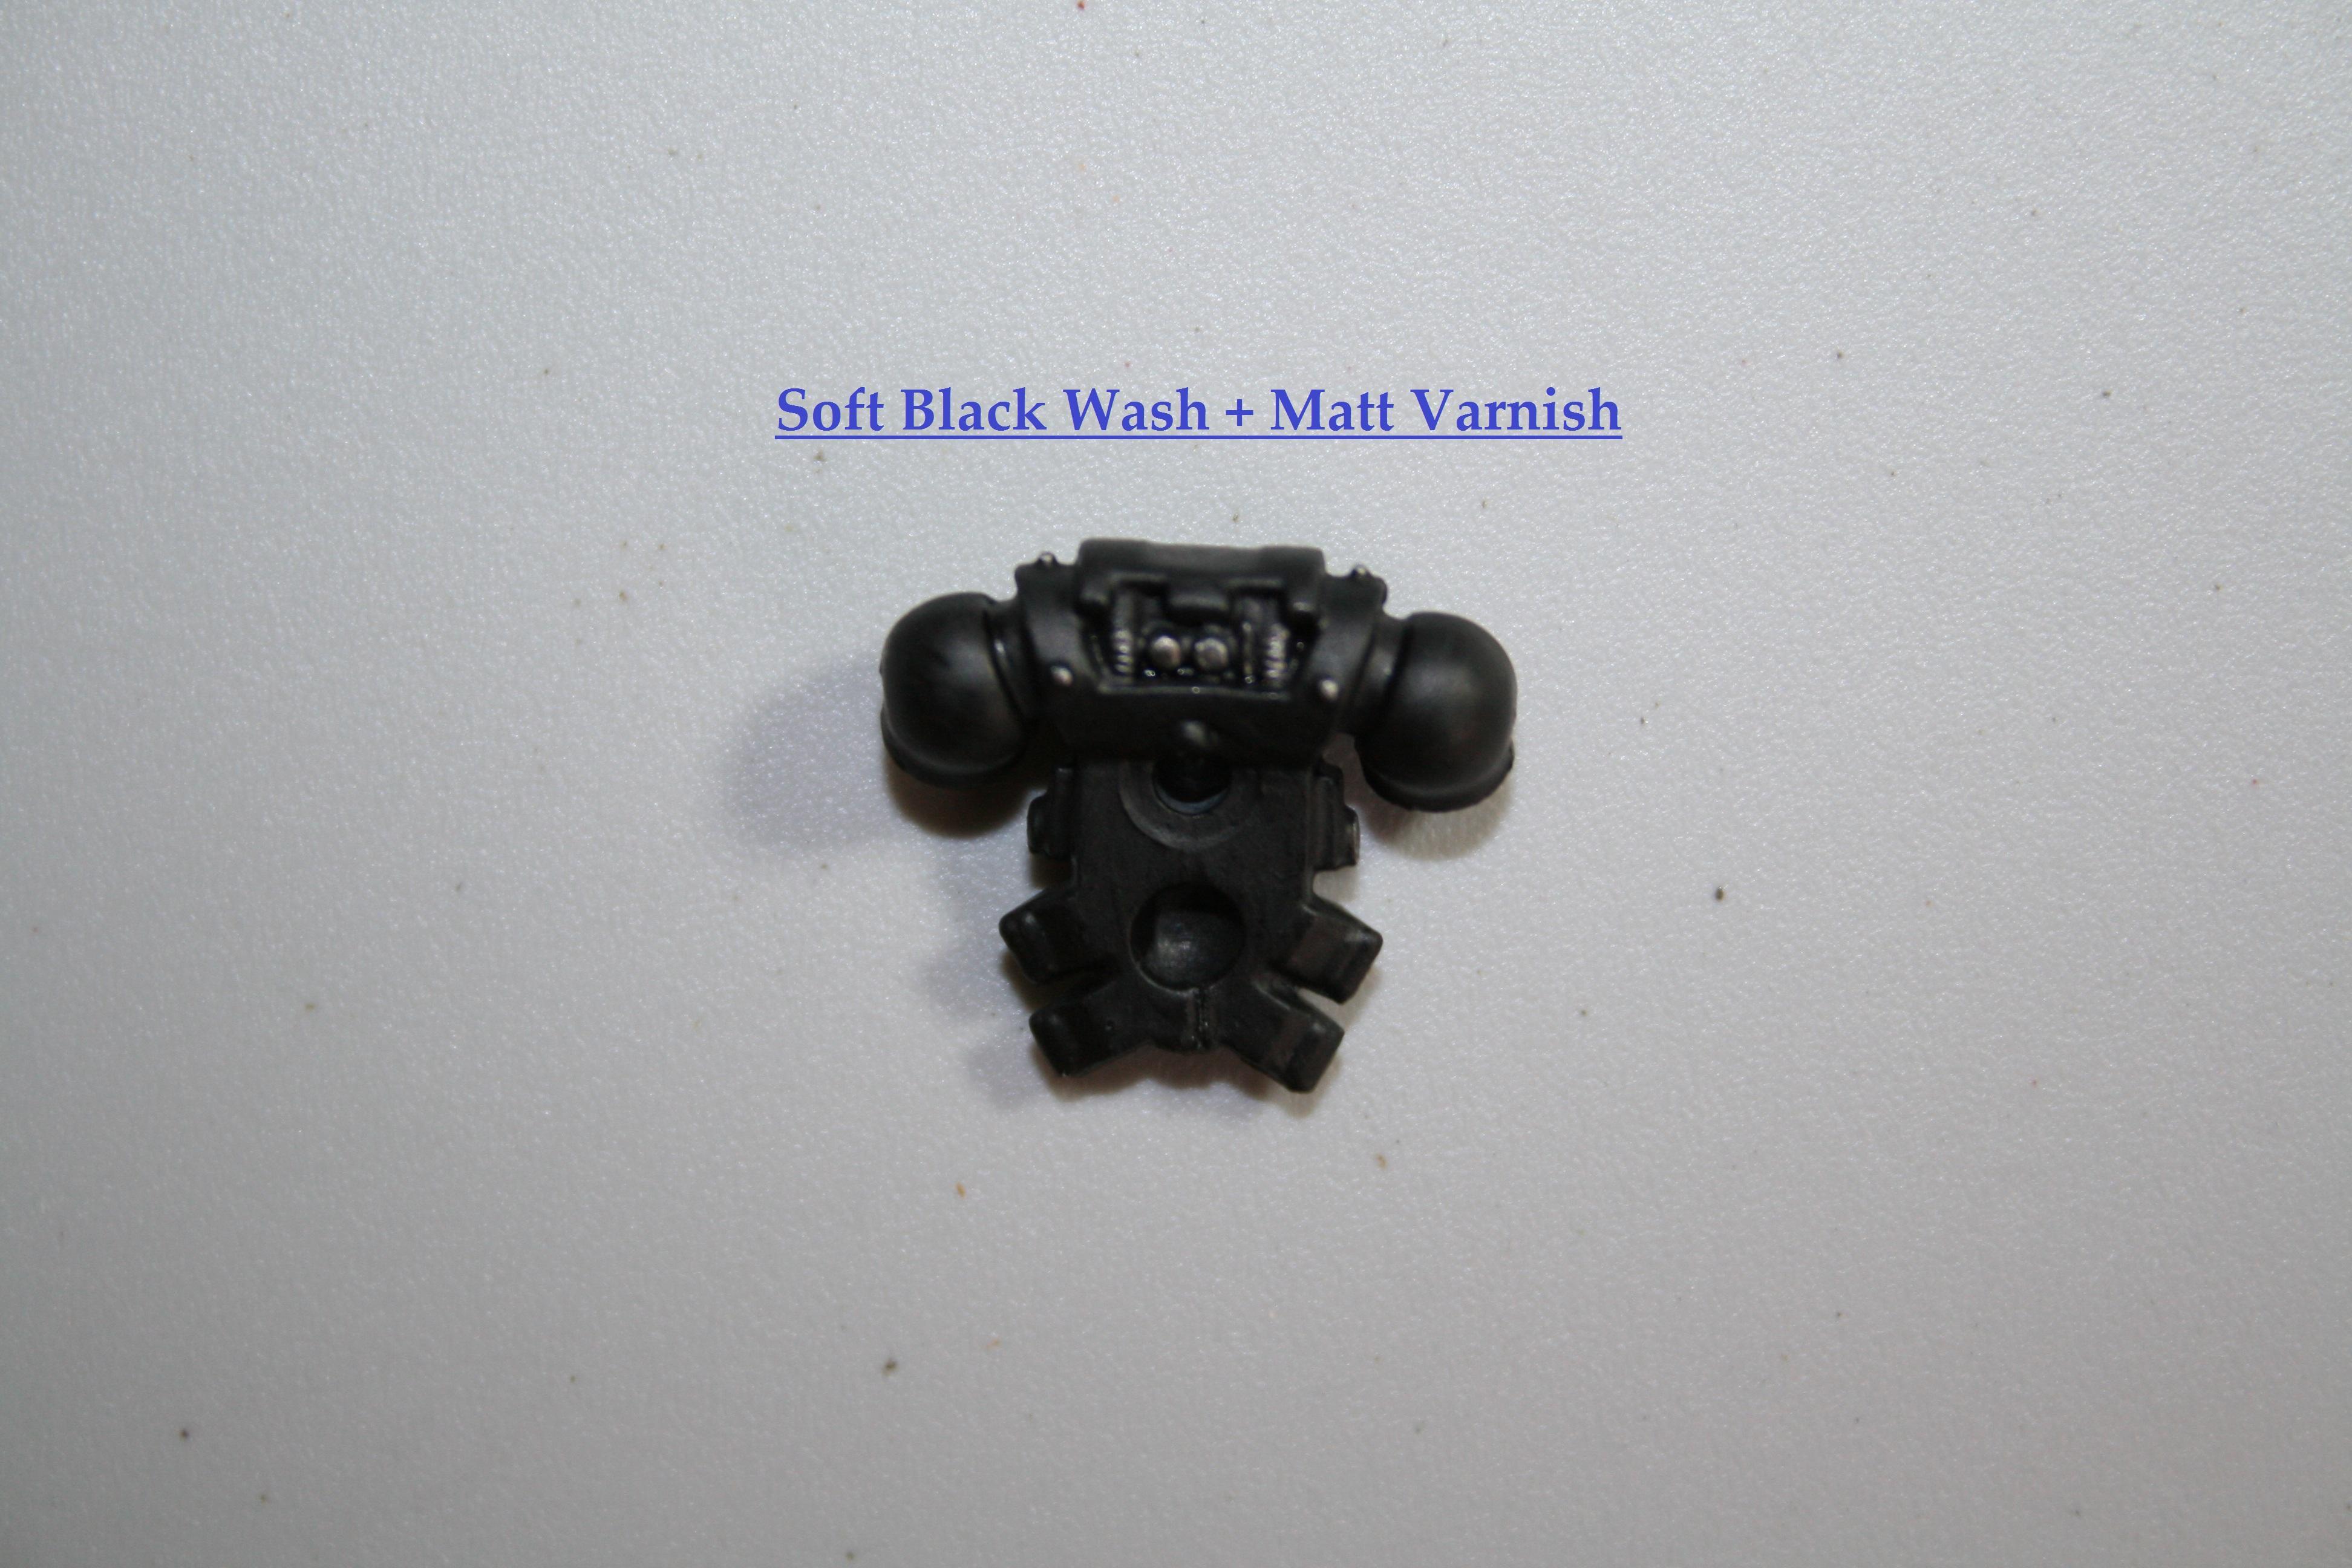 Soft Black Wash + Matt Varnish Back